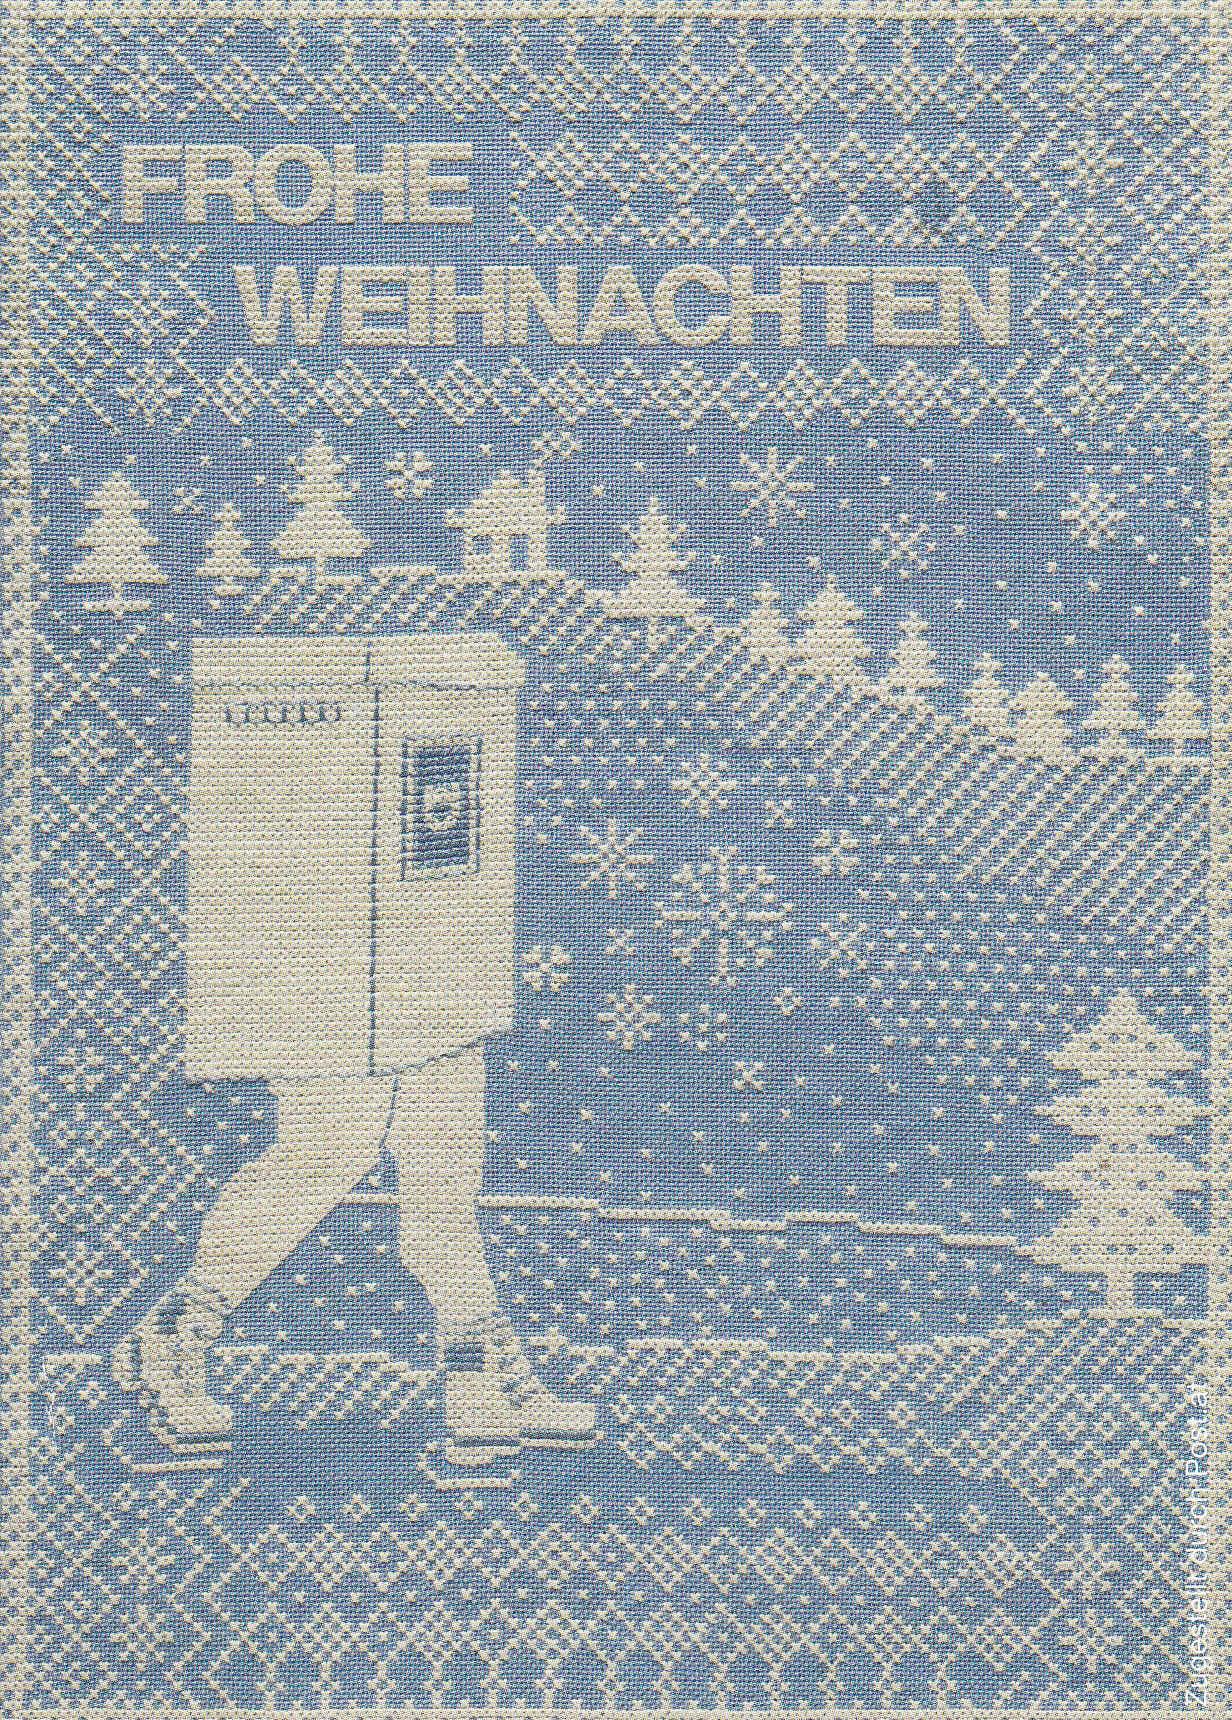 Postdienst – Service des postes - Postdienstkarten - Österreich Img180